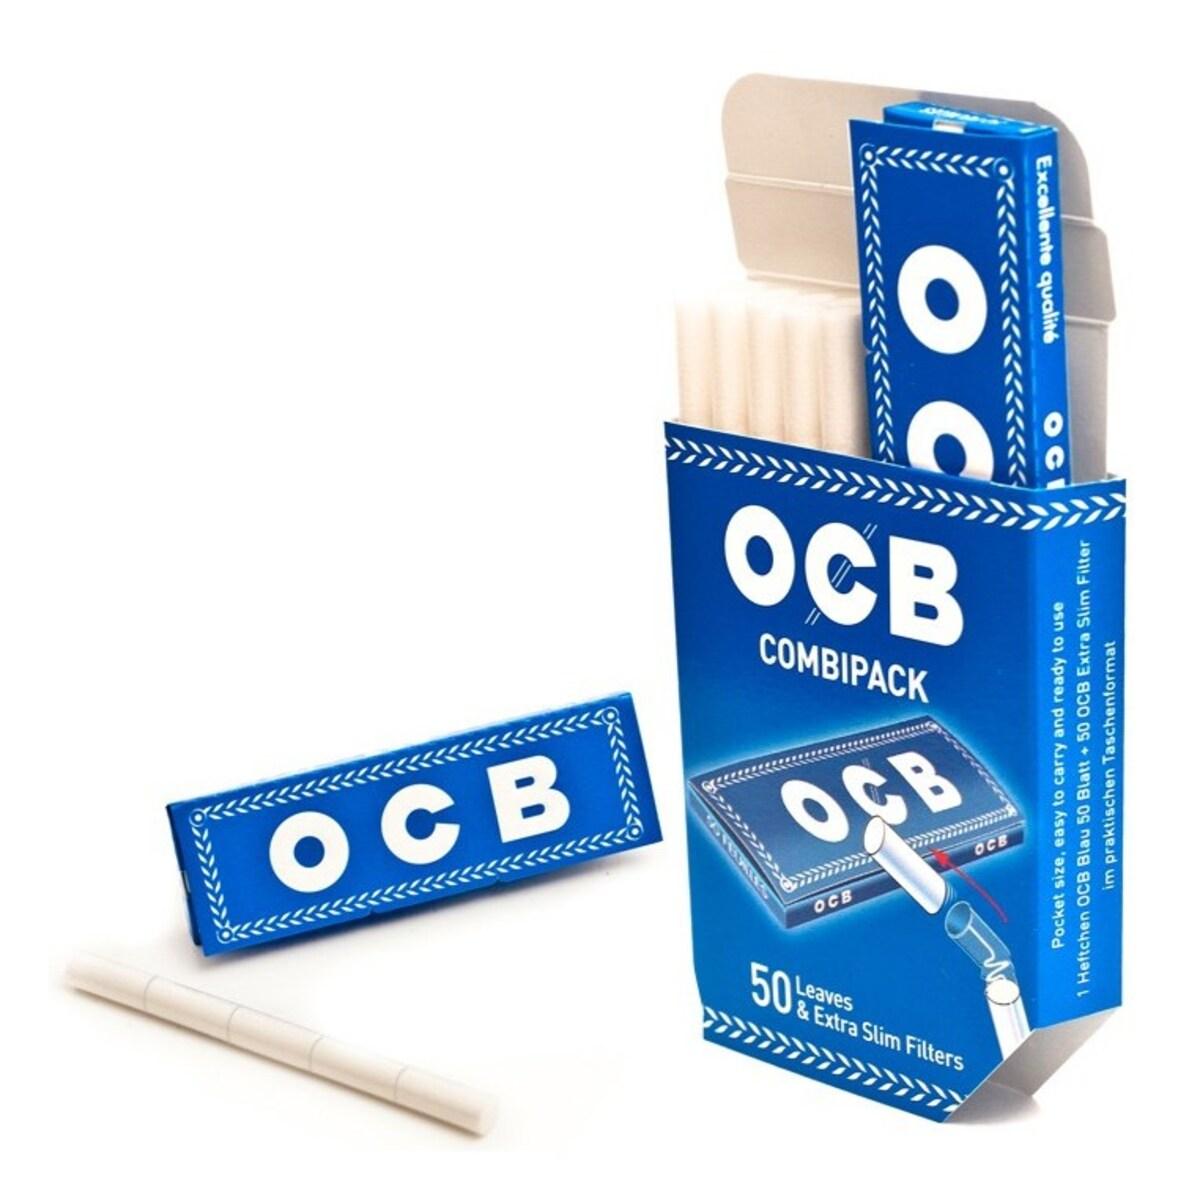 OCB Blue Combipack Хартийки и филтри за цигари